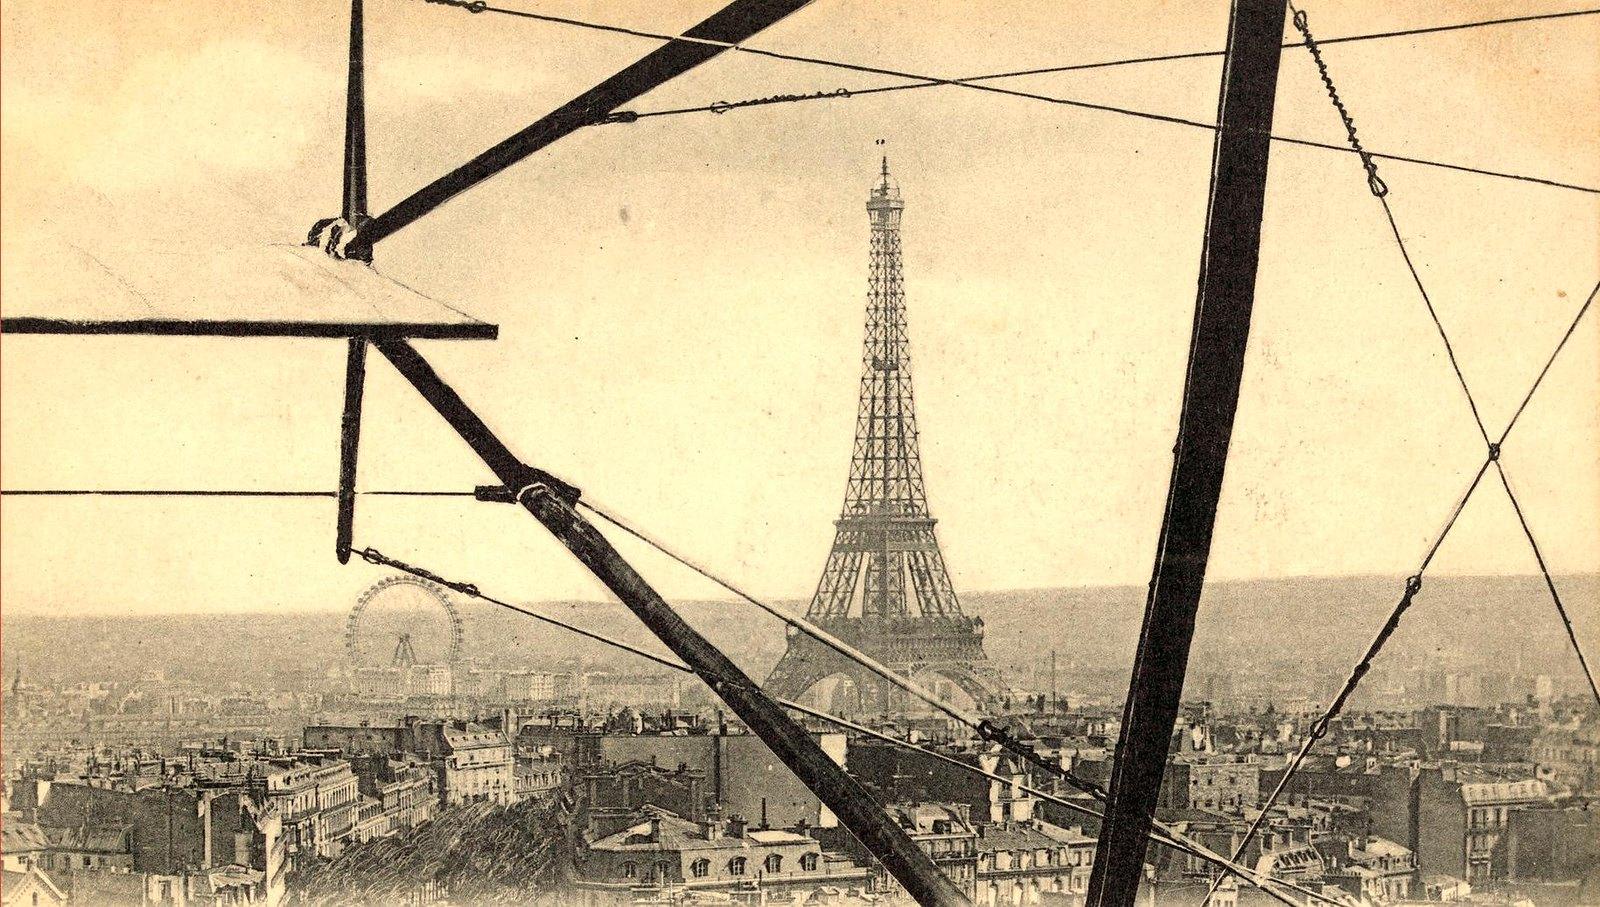 1911. Вид с воздуха на Эйфелеву башню через каркас биплана